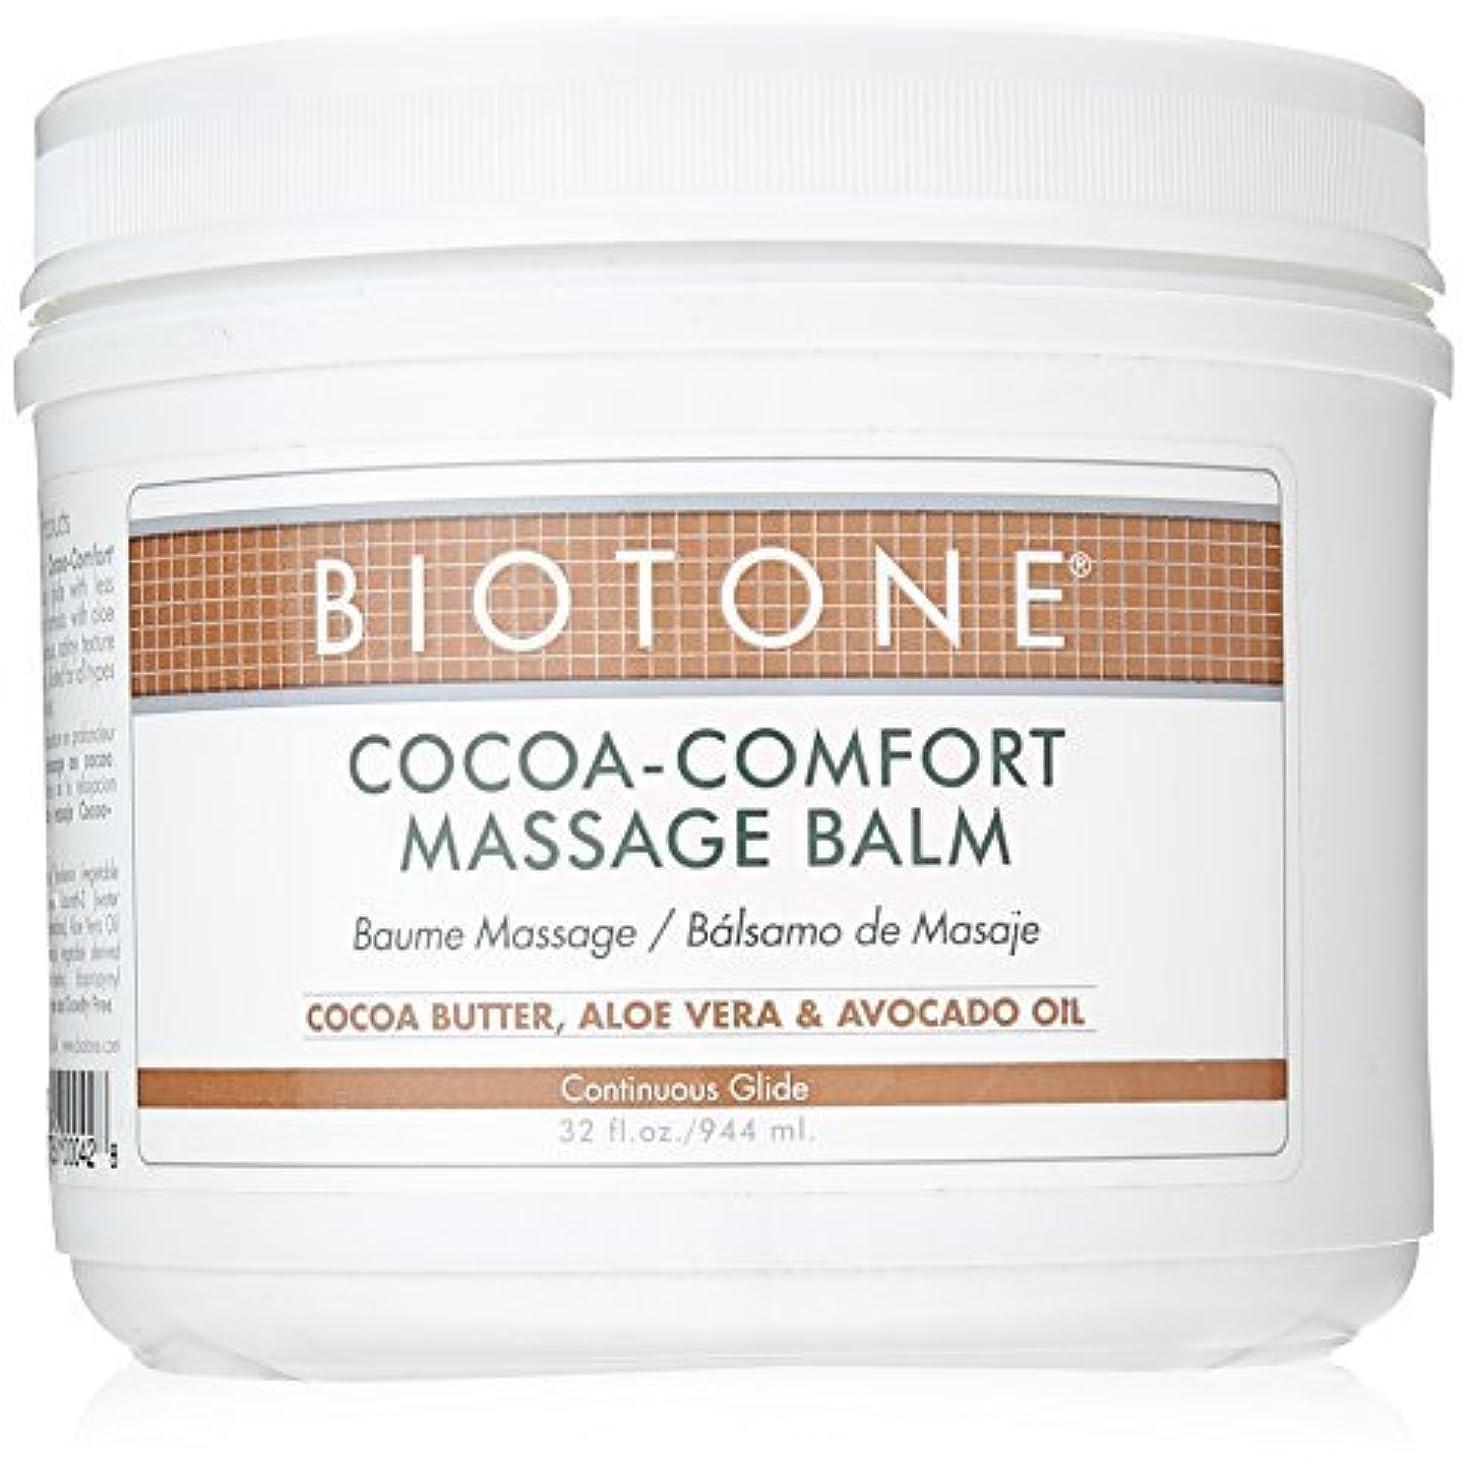 磁器まあ仮説Biotone Cocoa-Comfort Massage Balm 32 Ounce [並行輸入品]